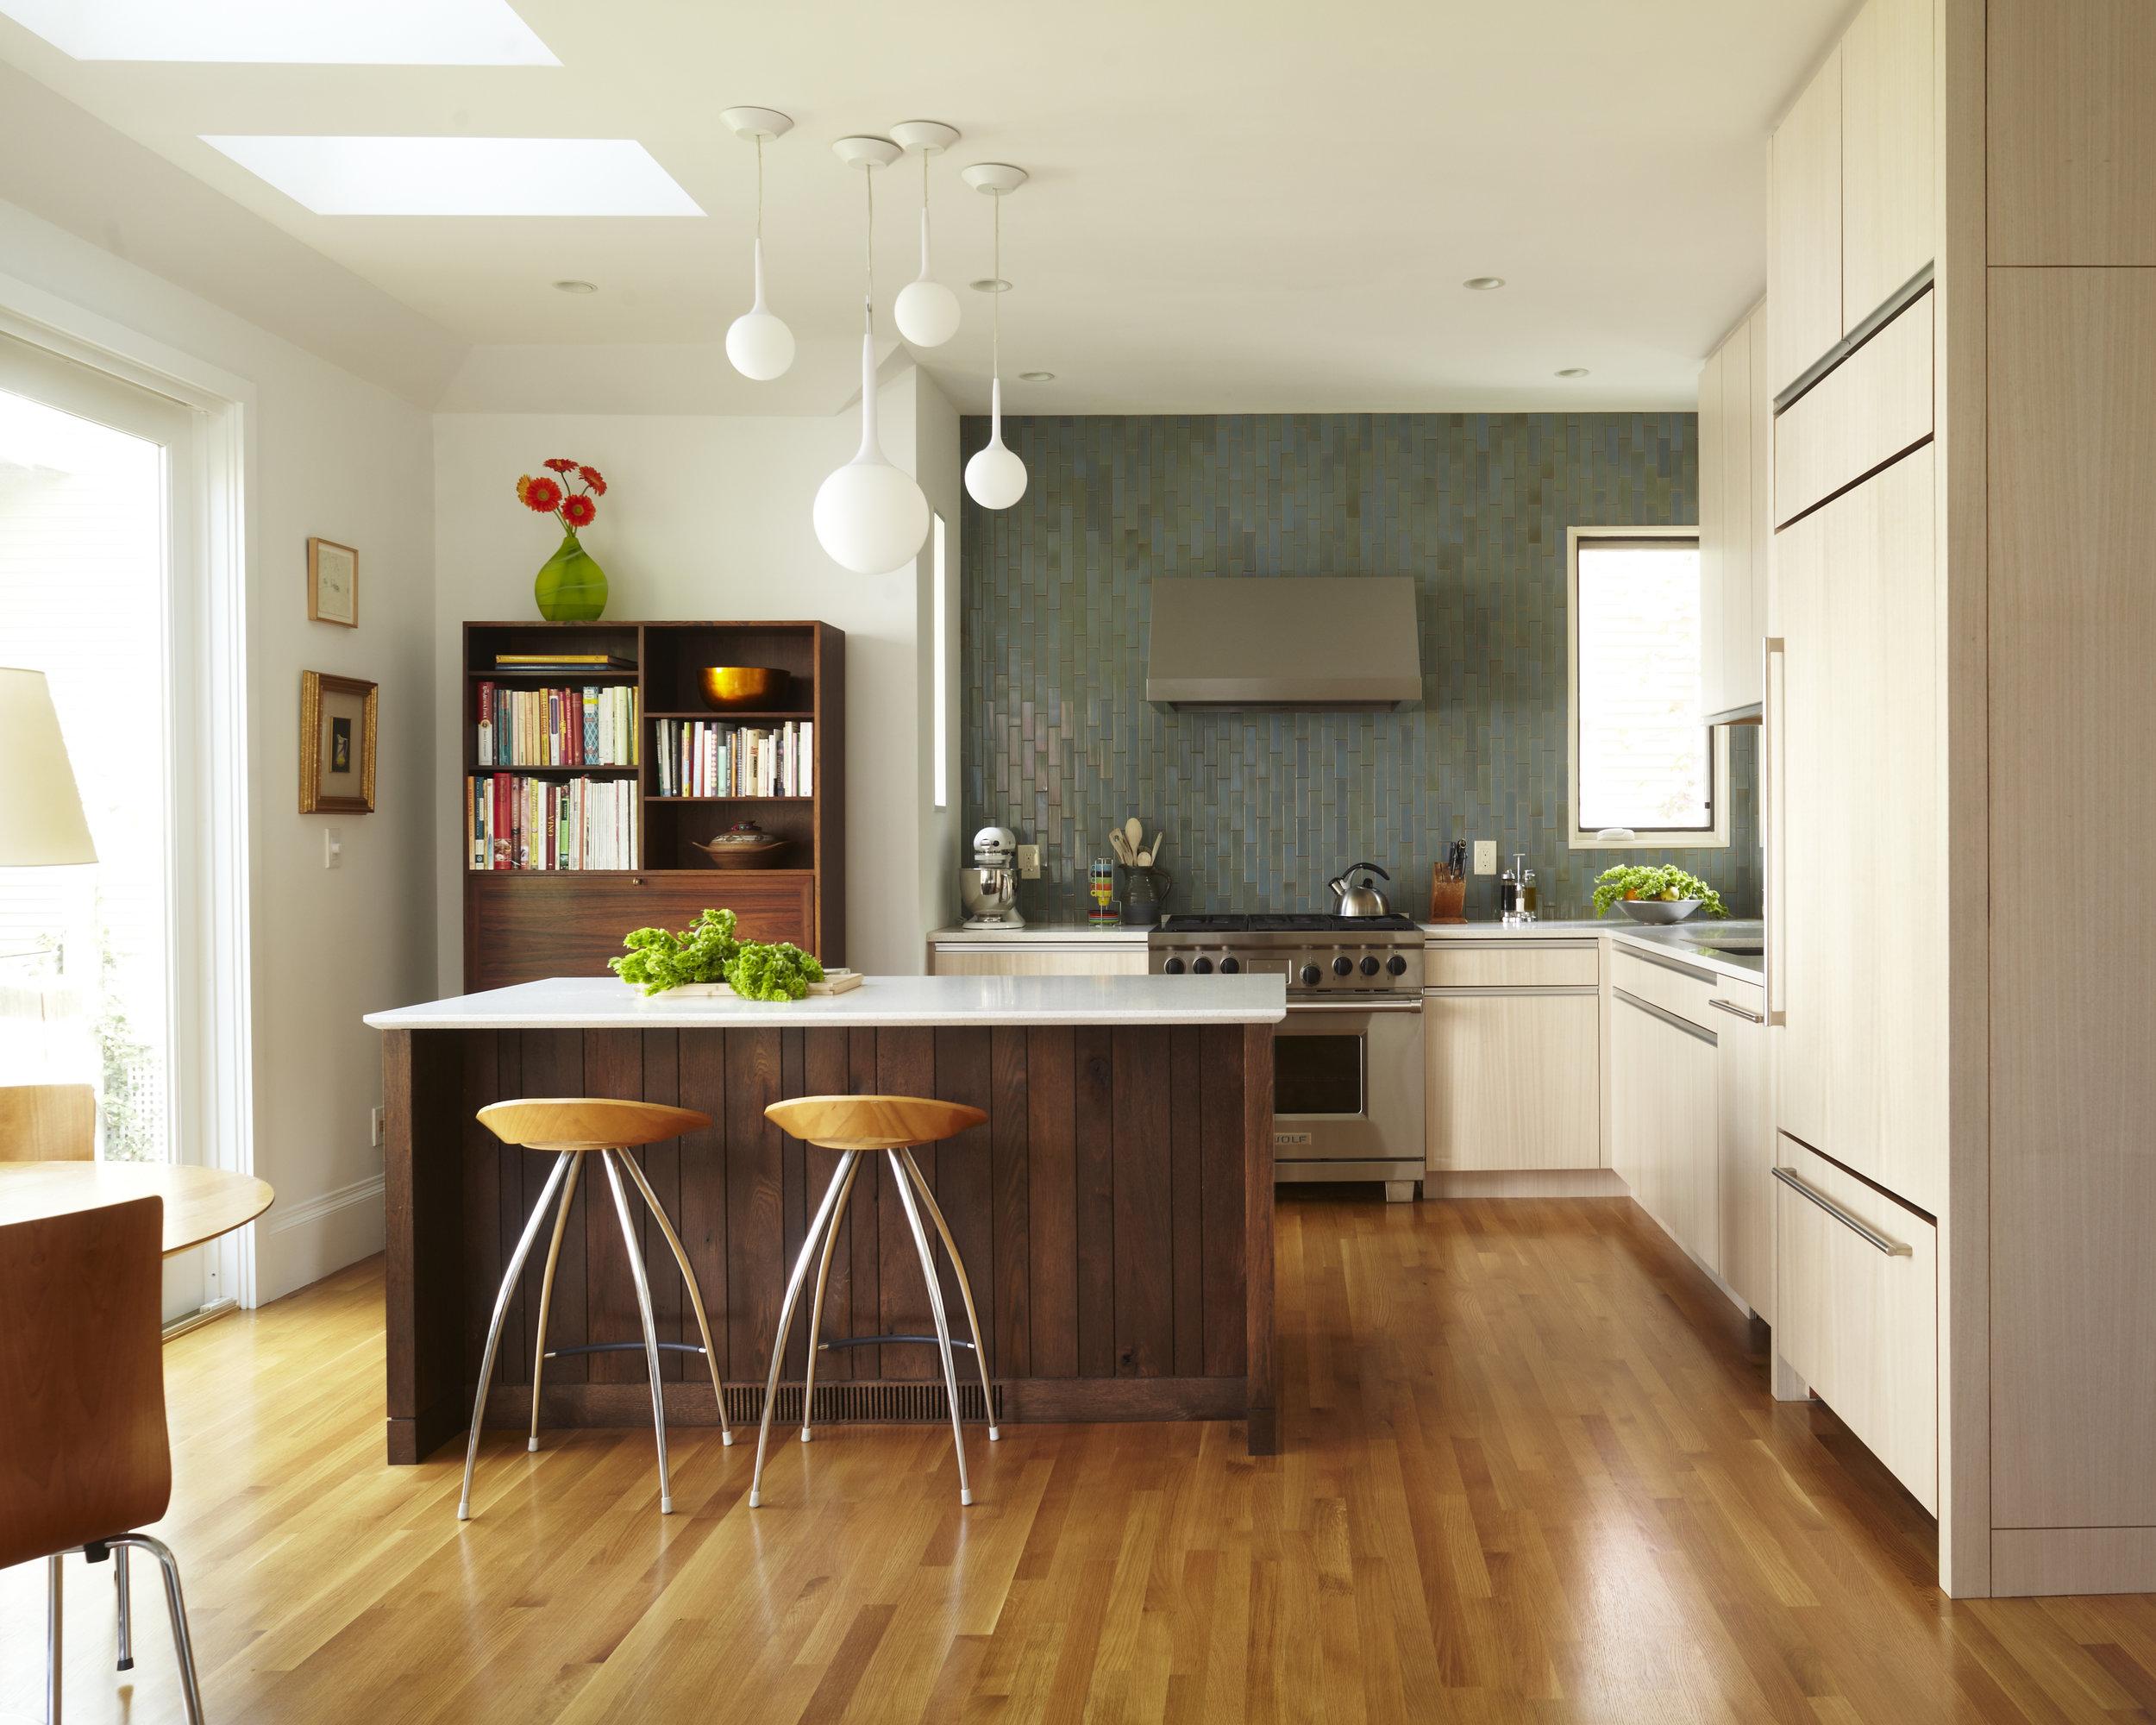 kennard architects - dana_kitchen_1_final.jpg